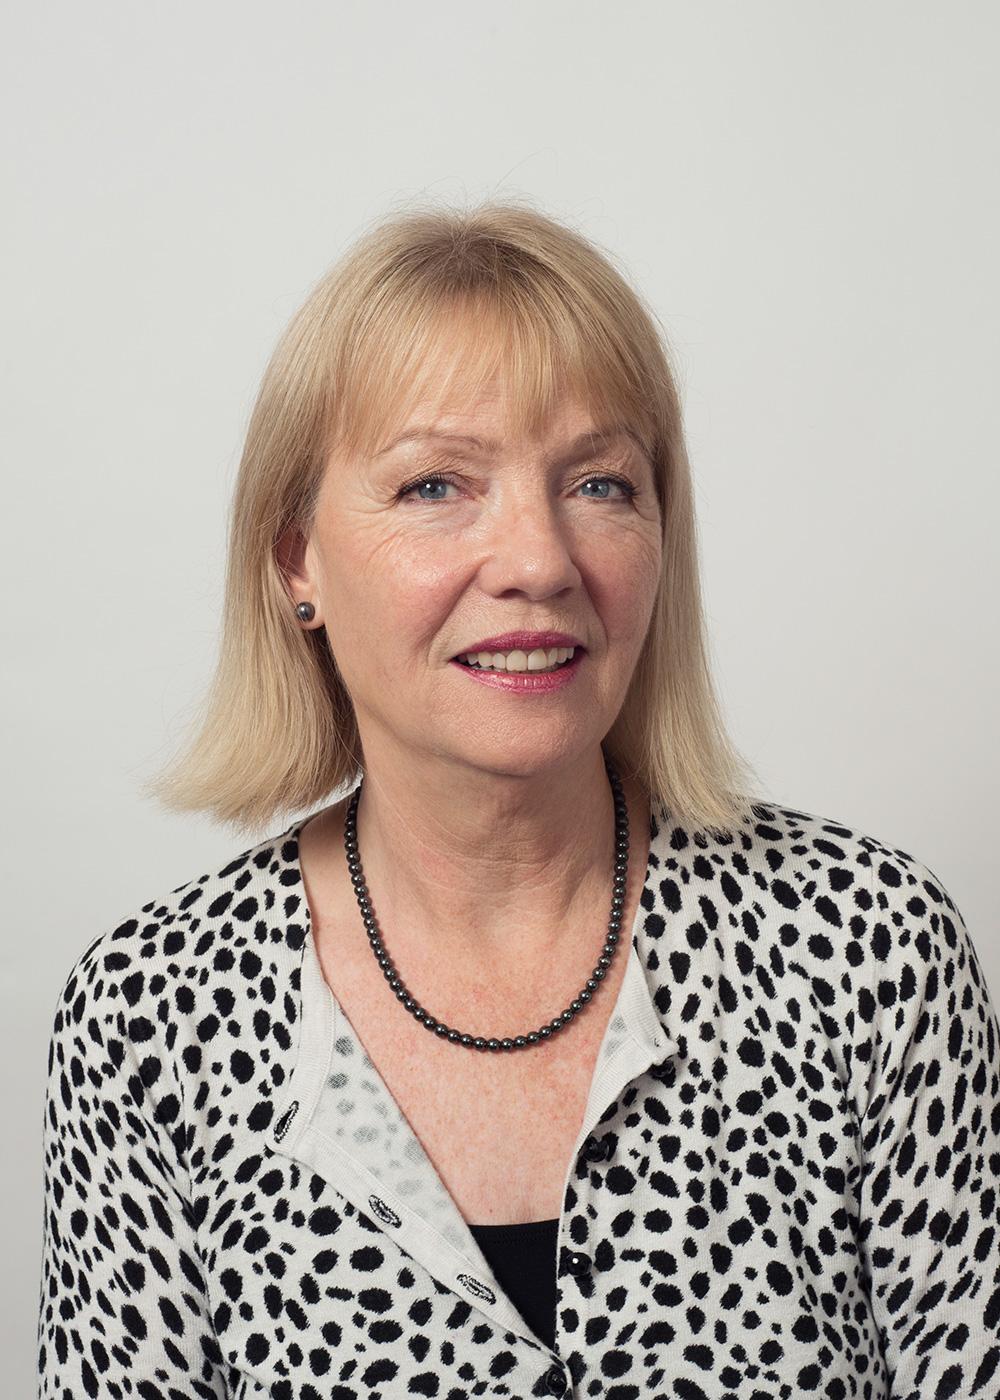 Ann Ryan